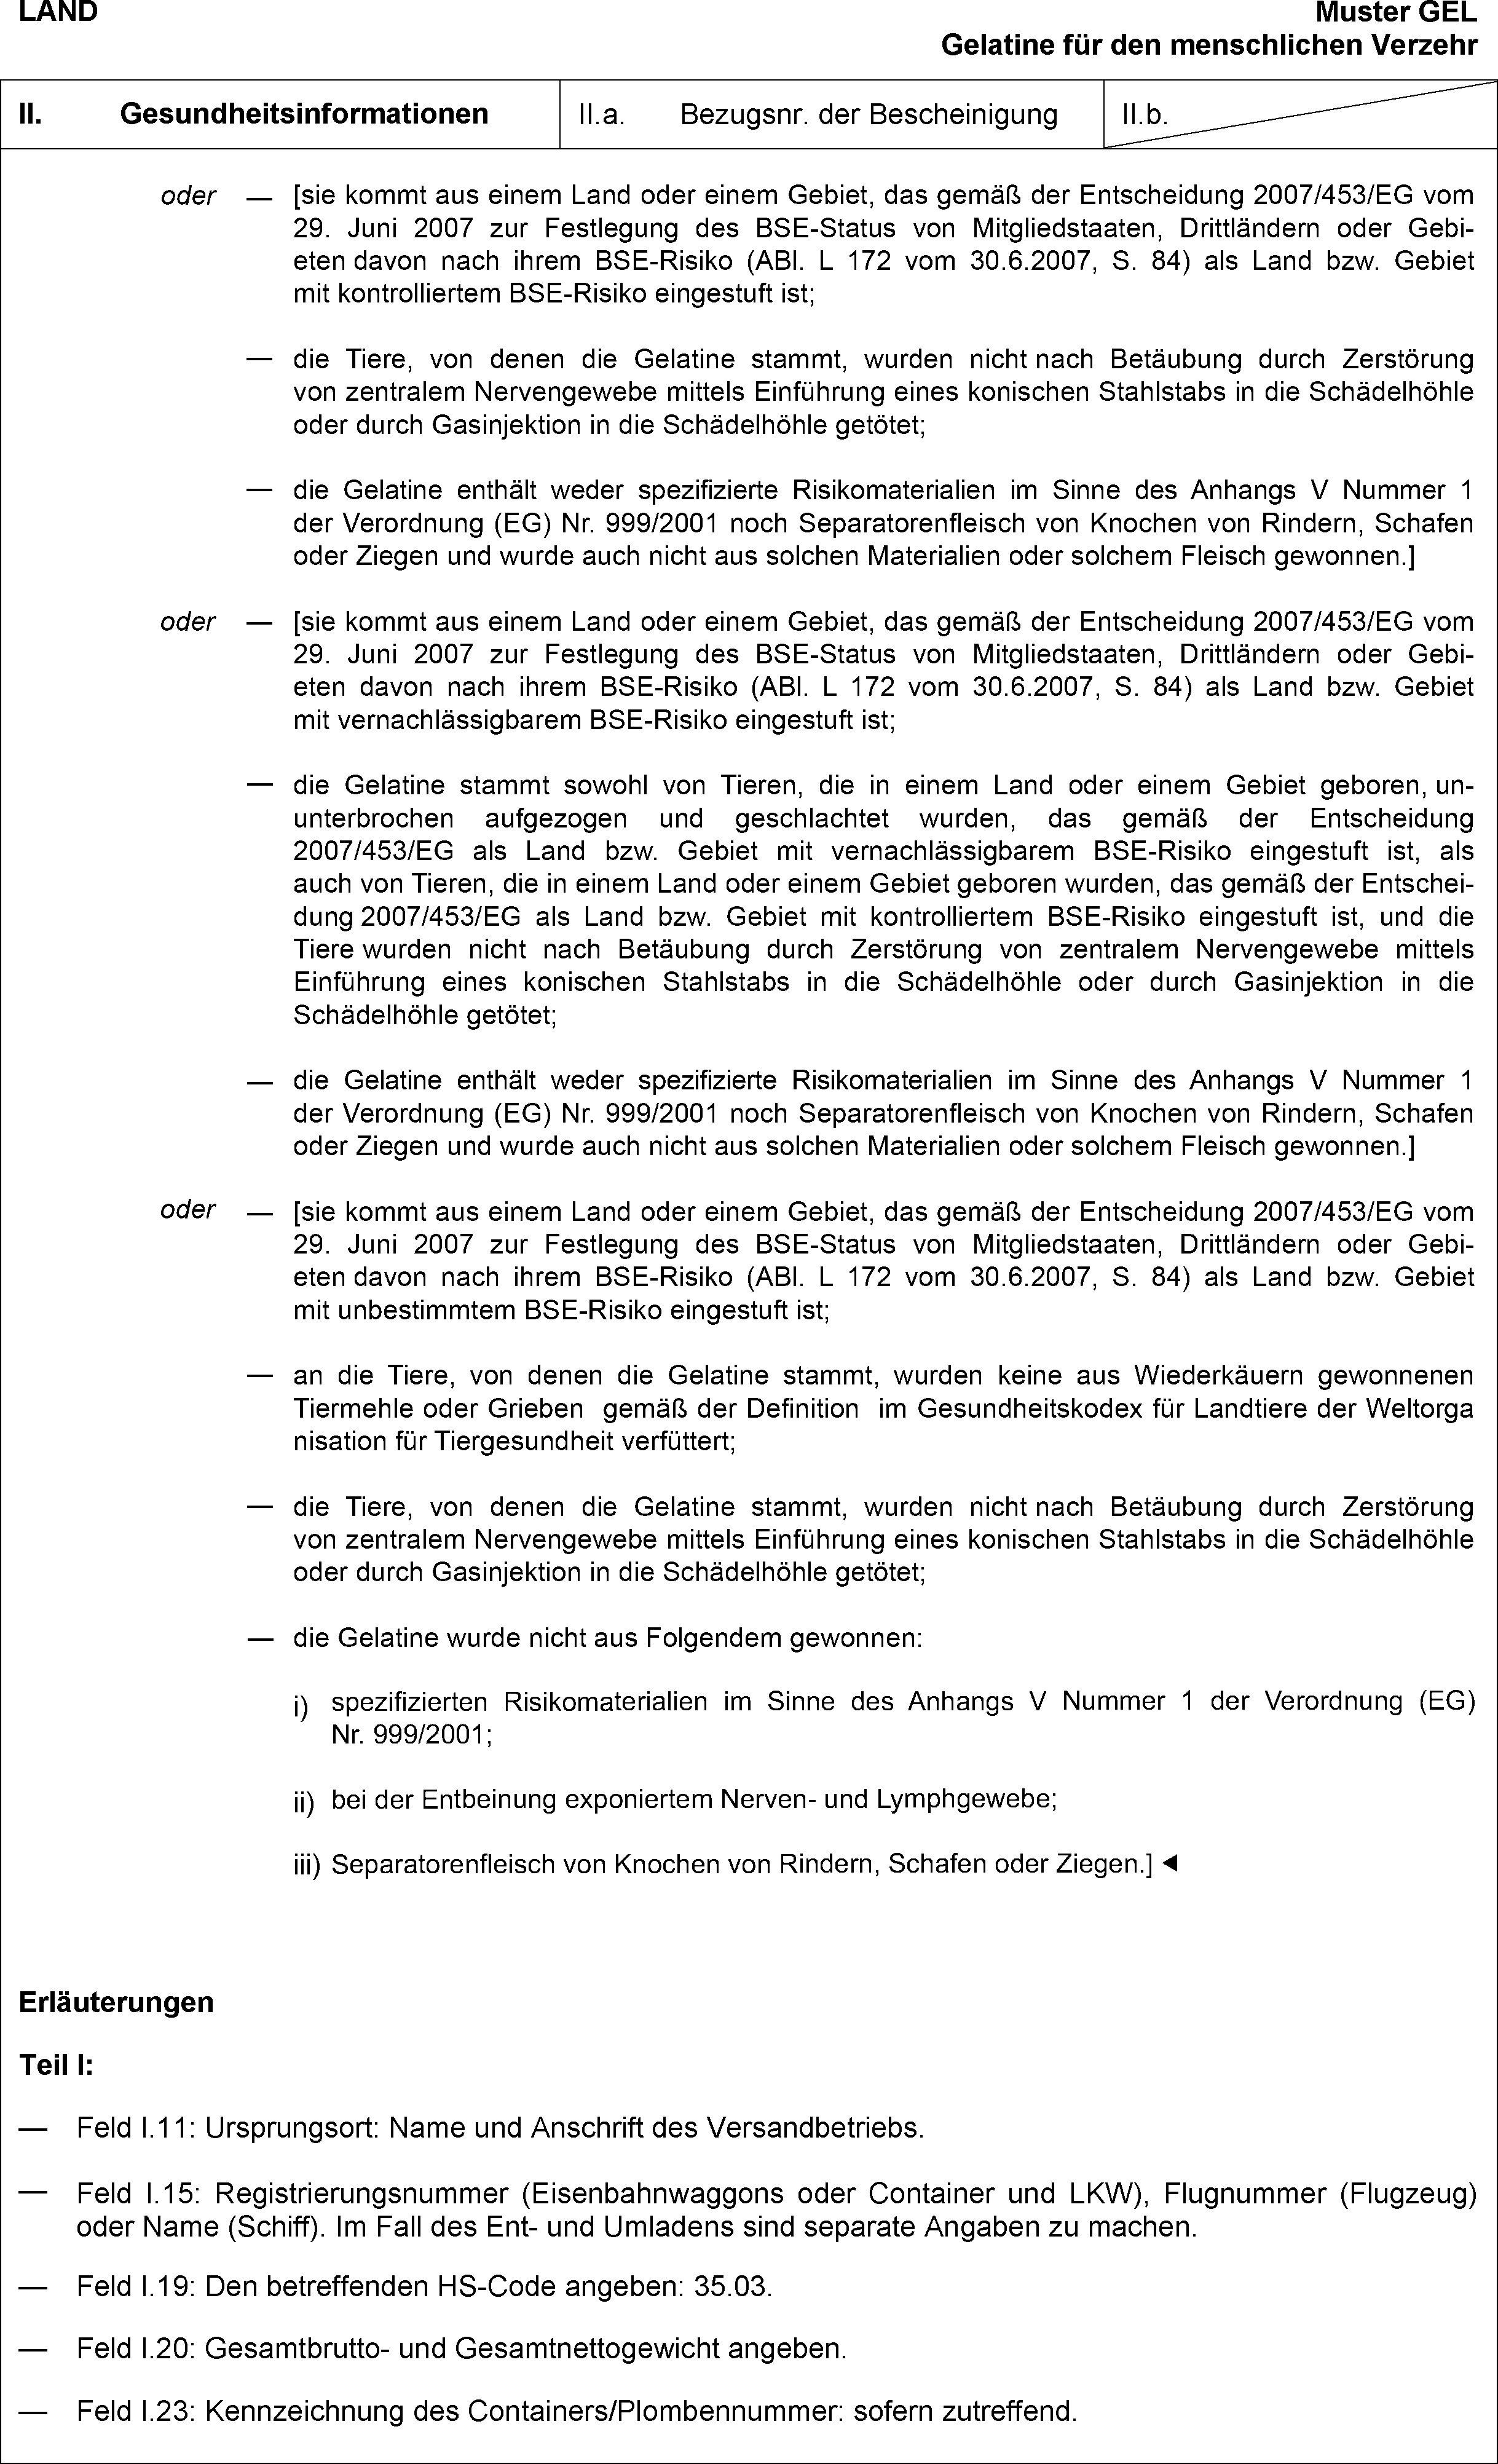 Schön Anatomie Und Physiologie Knochen Und Skelettgewebe ...